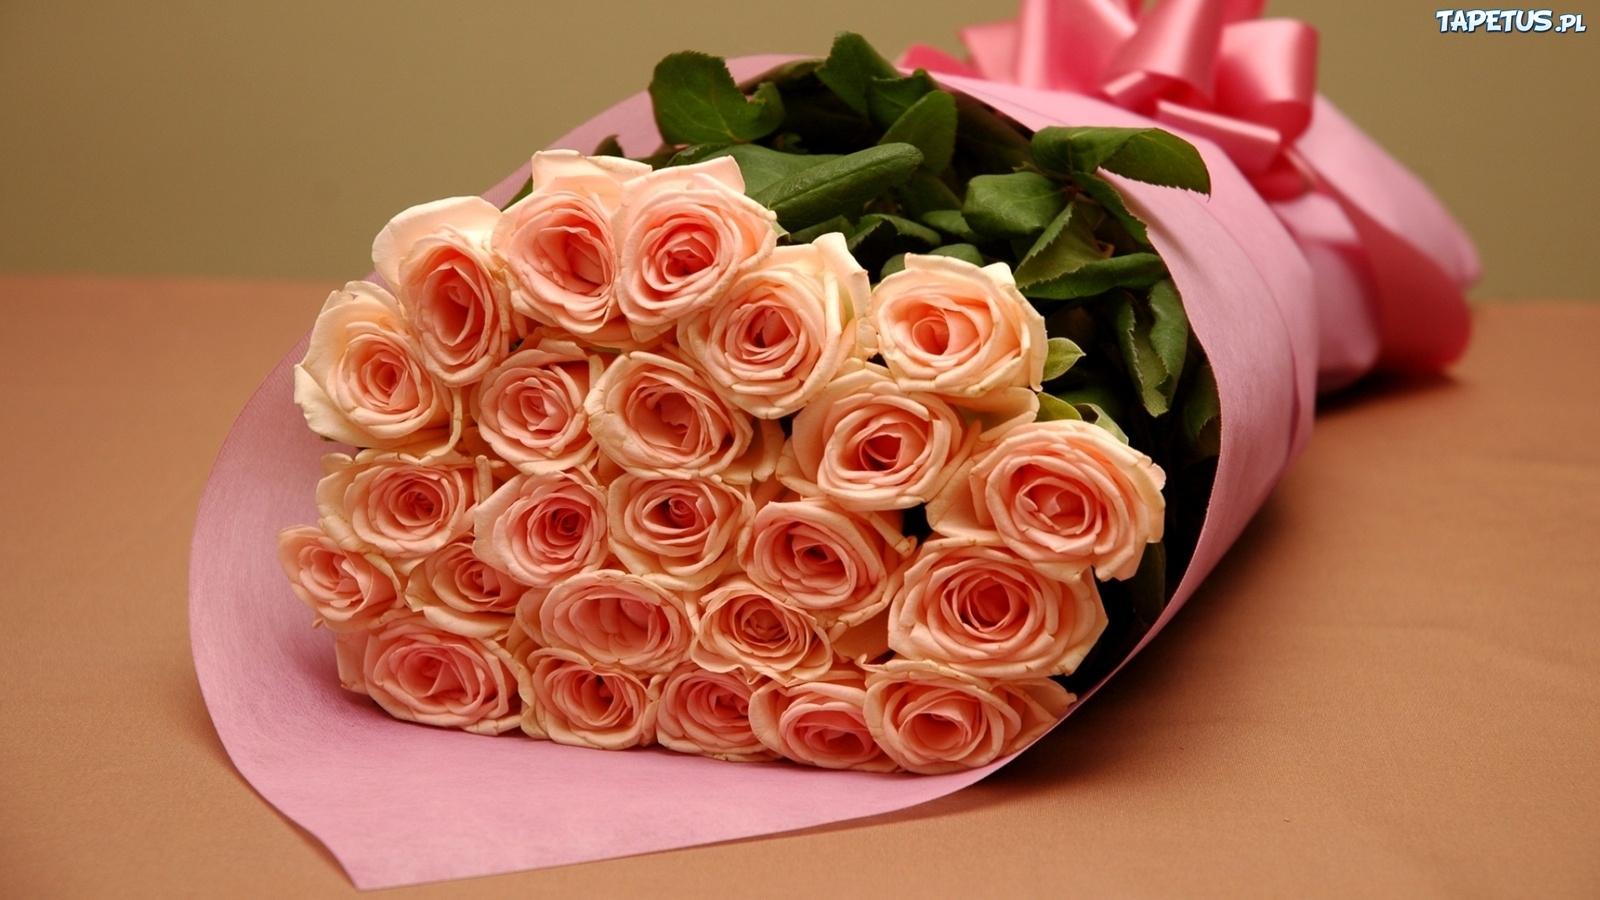 Розы фотографии букеты